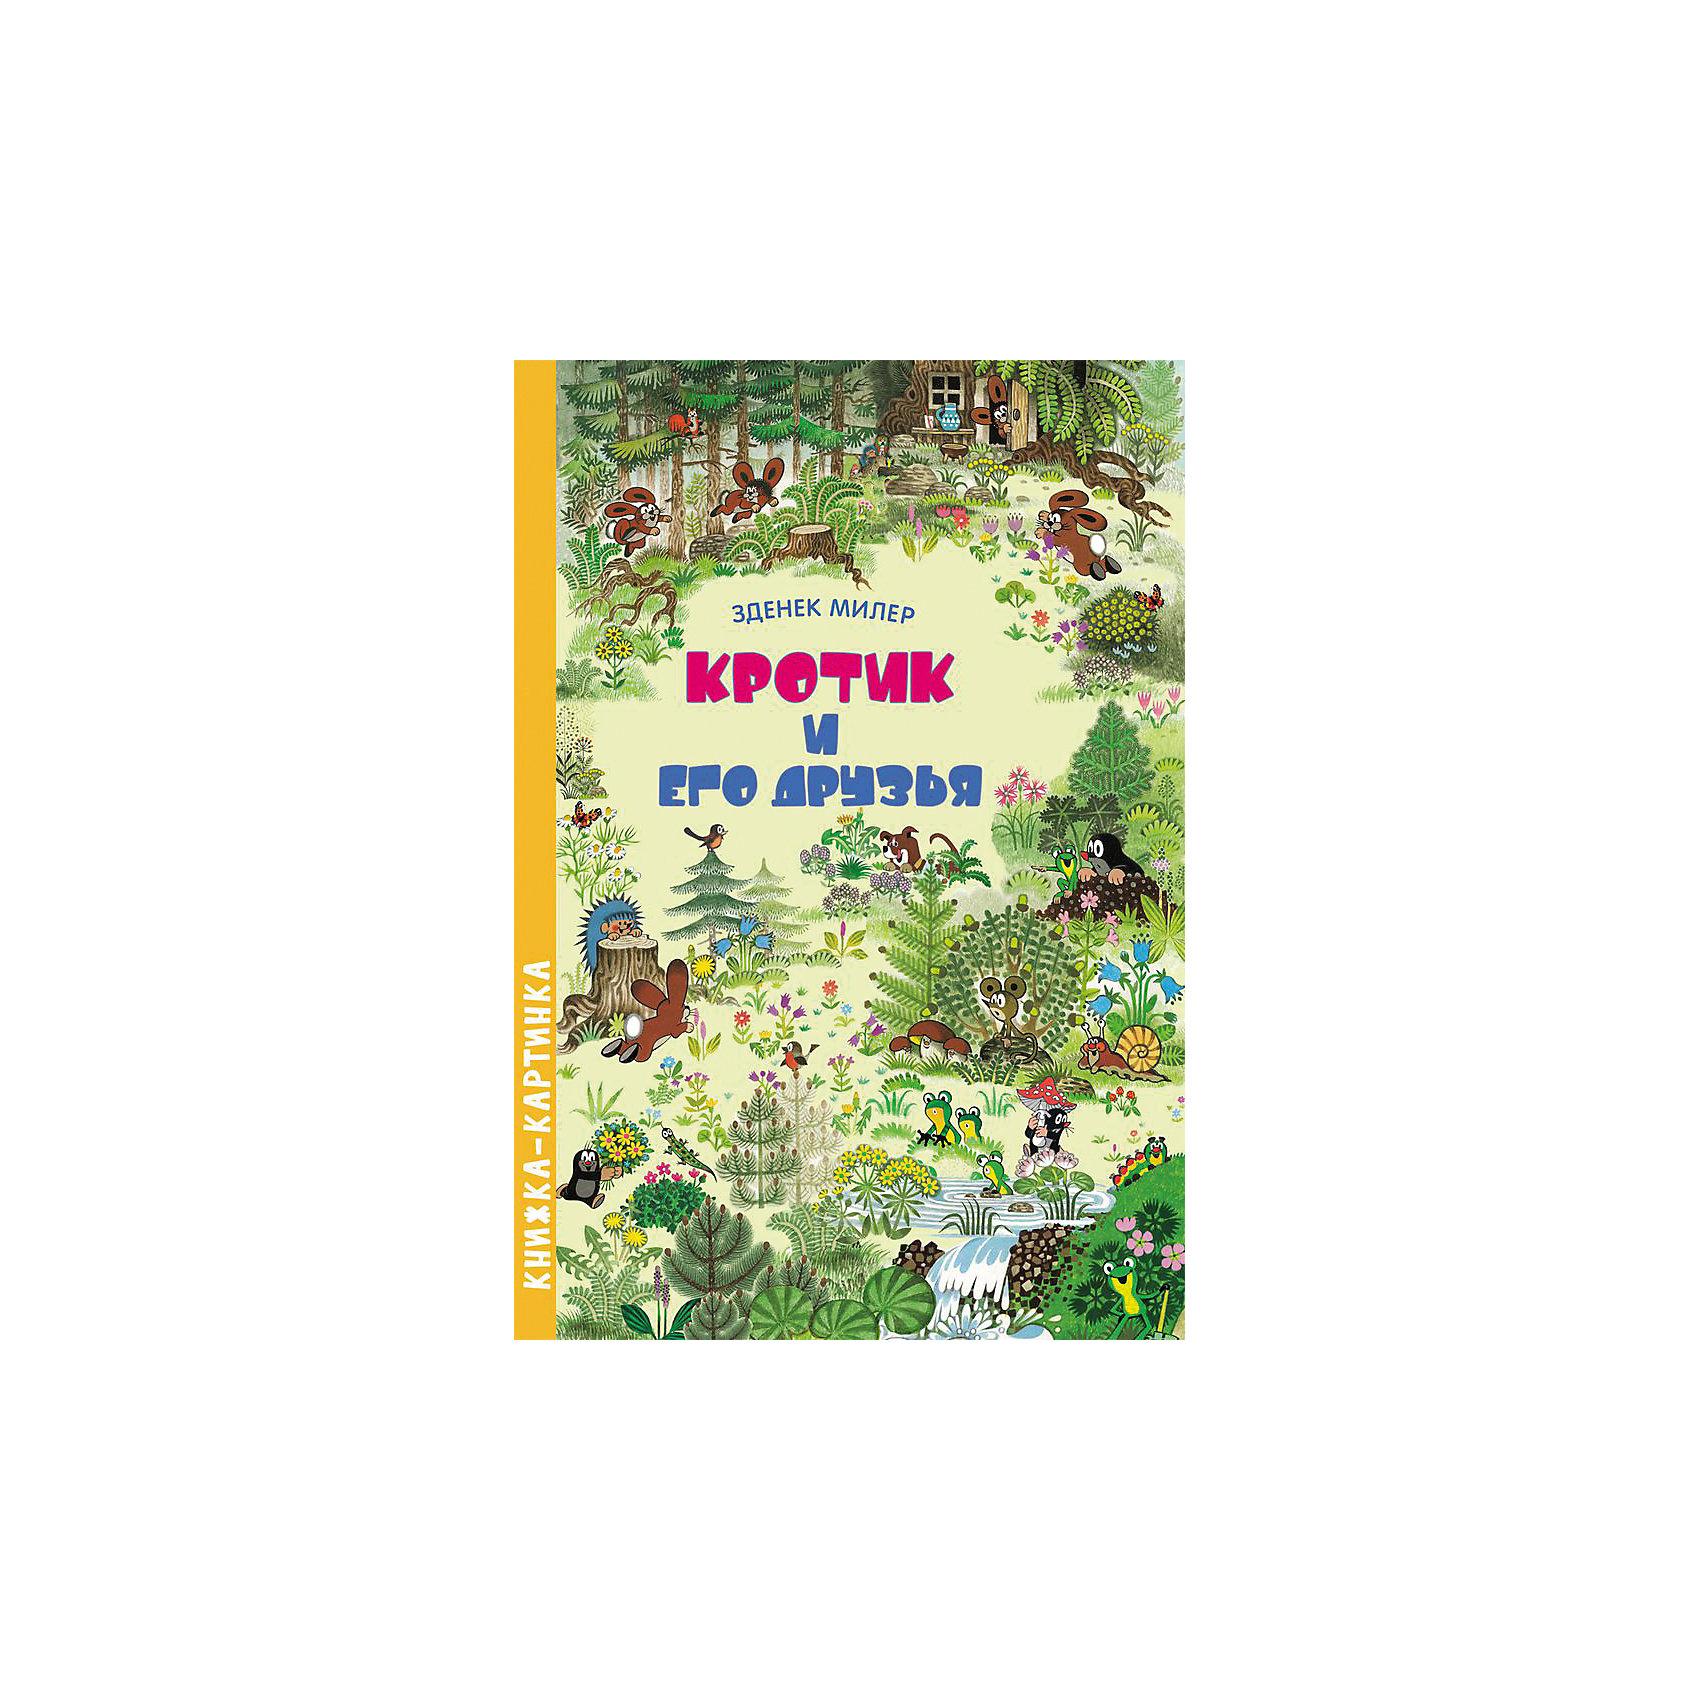 Книжка с картинками Кротик и его друзьяКниги с окошками<br>Характеристики:<br>• количество страниц: 10;<br>• автор: Зденек Милер;<br>• иллюстрации: цветные;<br>• переплёт: твёрдый;<br>• формат: 32х22х0,8 см;<br>• вес: 310 грамм;<br>• ISBN: 9785353082002.<br><br>Кротик - главный персонаж известного чешского мультфильма. Из книги автора Зденека Милера читатель узнает о приключениях крота и его друзей, живущих в лесу. Яркие иллюстрации делают книгу еще привлекательнее для малышей.<br><br>Книжка с картинками Кротик и его друзья, Rosman (Росмэн) можно купить в нашем интернет-магазине.<br><br>Ширина мм: 320<br>Глубина мм: 220<br>Высота мм: 80<br>Вес г: 310<br>Возраст от месяцев: -2147483648<br>Возраст до месяцев: 2147483647<br>Пол: Унисекс<br>Возраст: Детский<br>SKU: 5453584